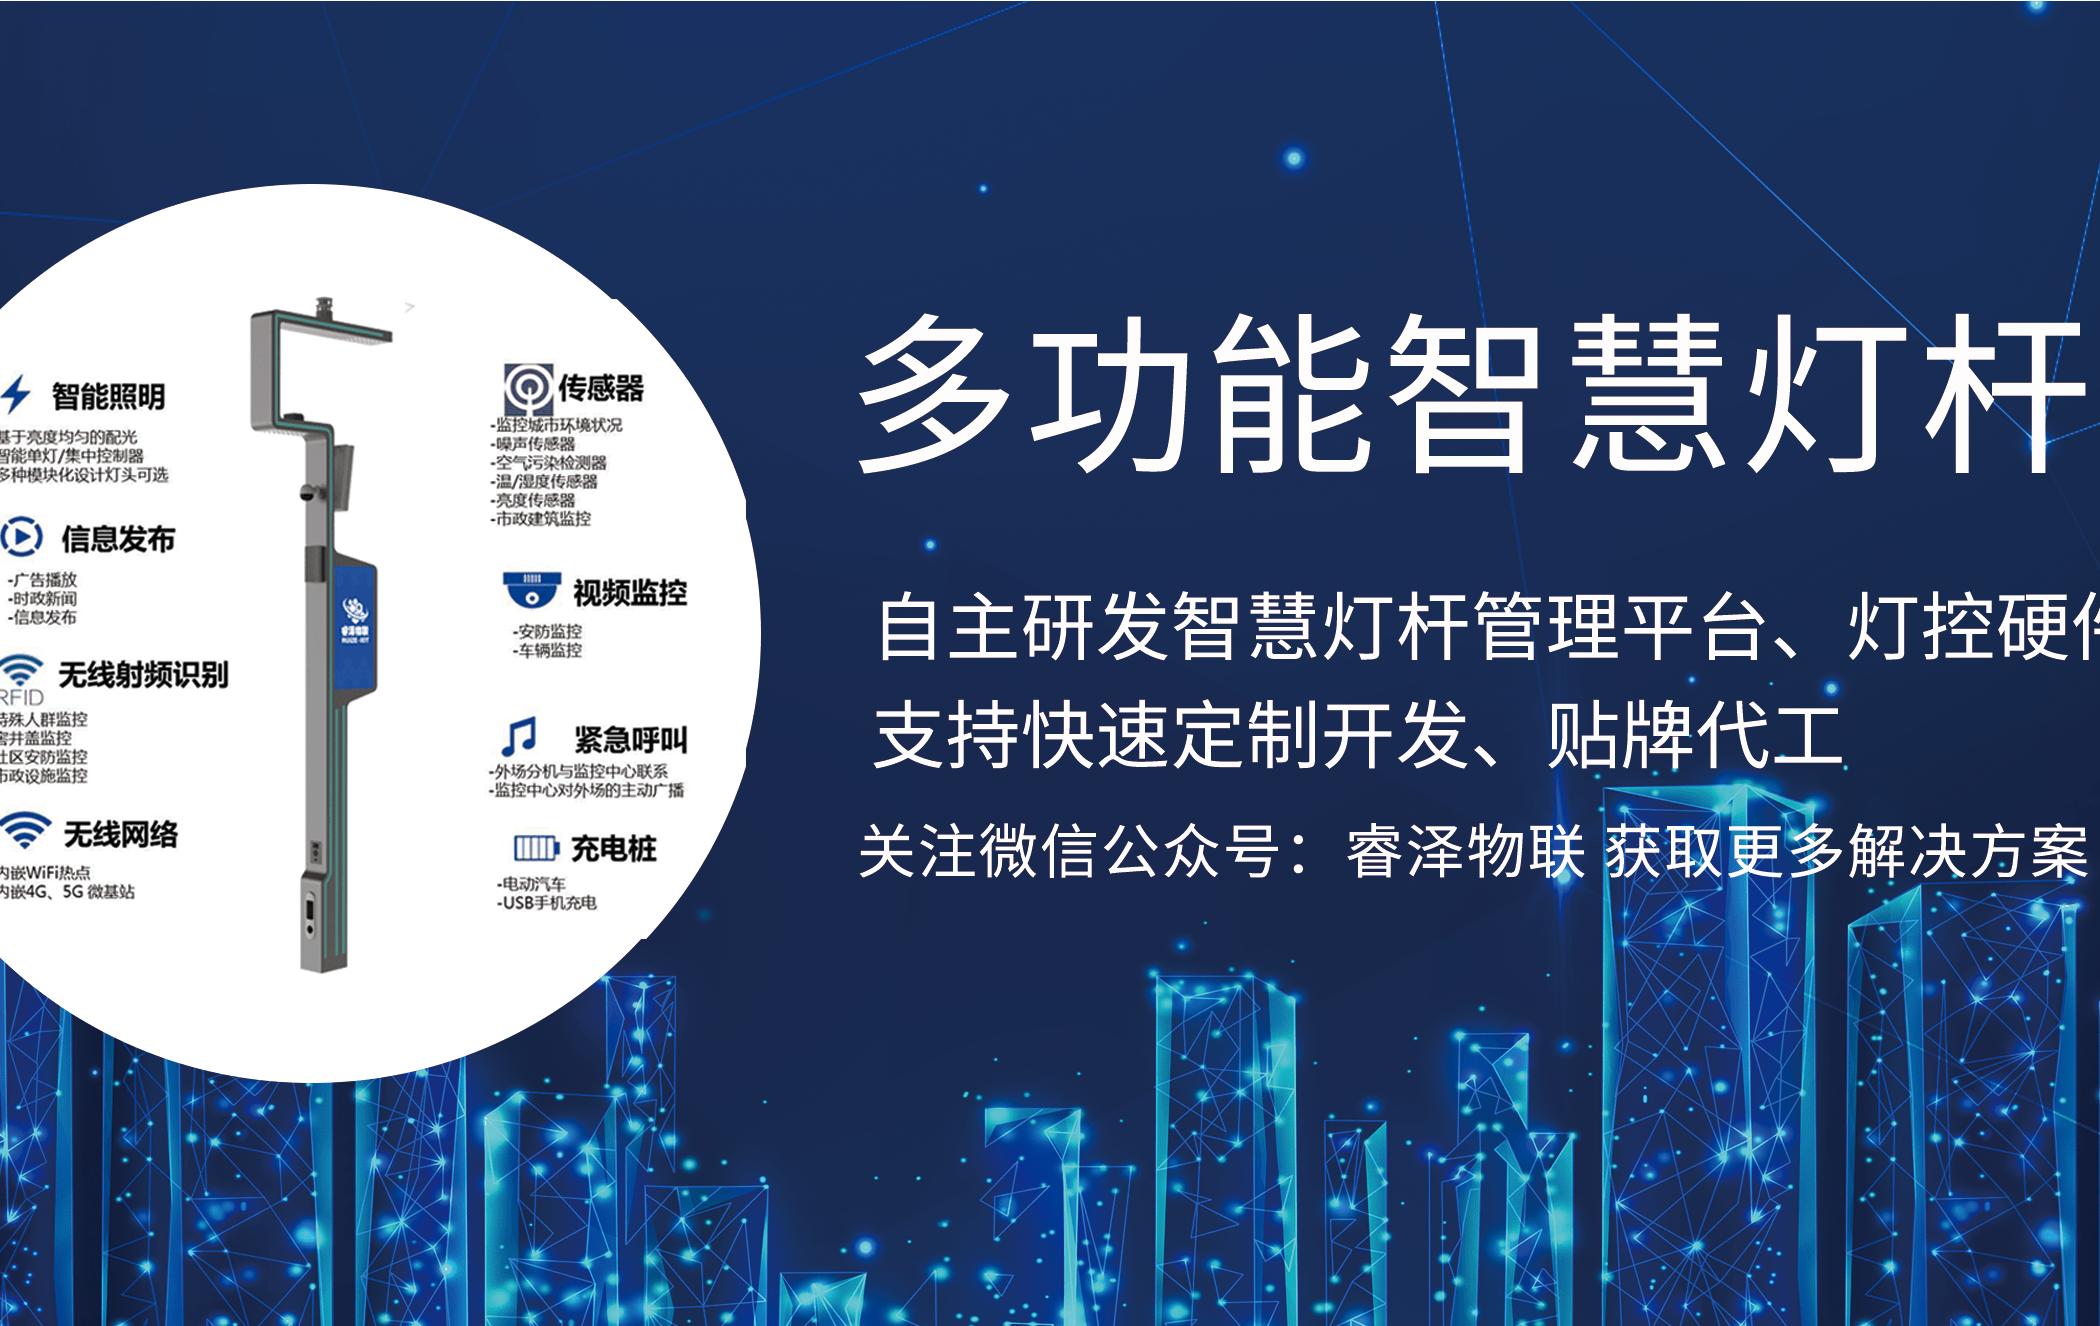 睿澤物聯:新智能時代,多功能智慧燈桿助力新型智慧城市建設